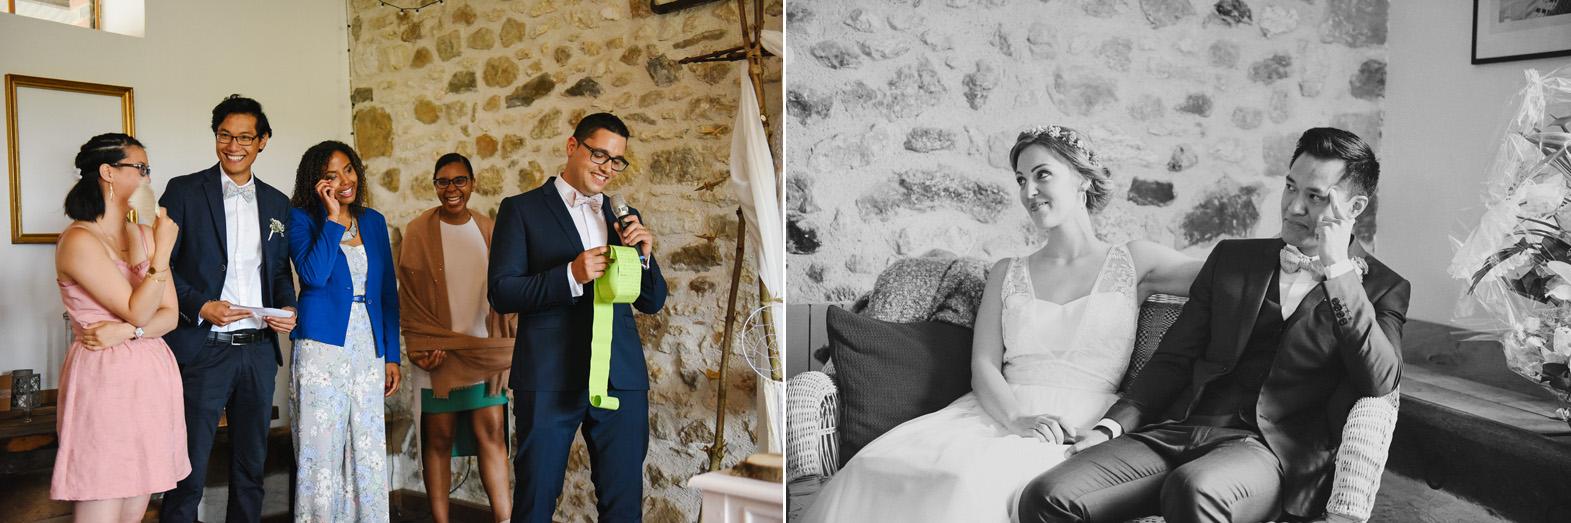 mariage_LW_domaine de la Pepiniere_seine-et-marne_77_photographie_clemence_dubois MEP19